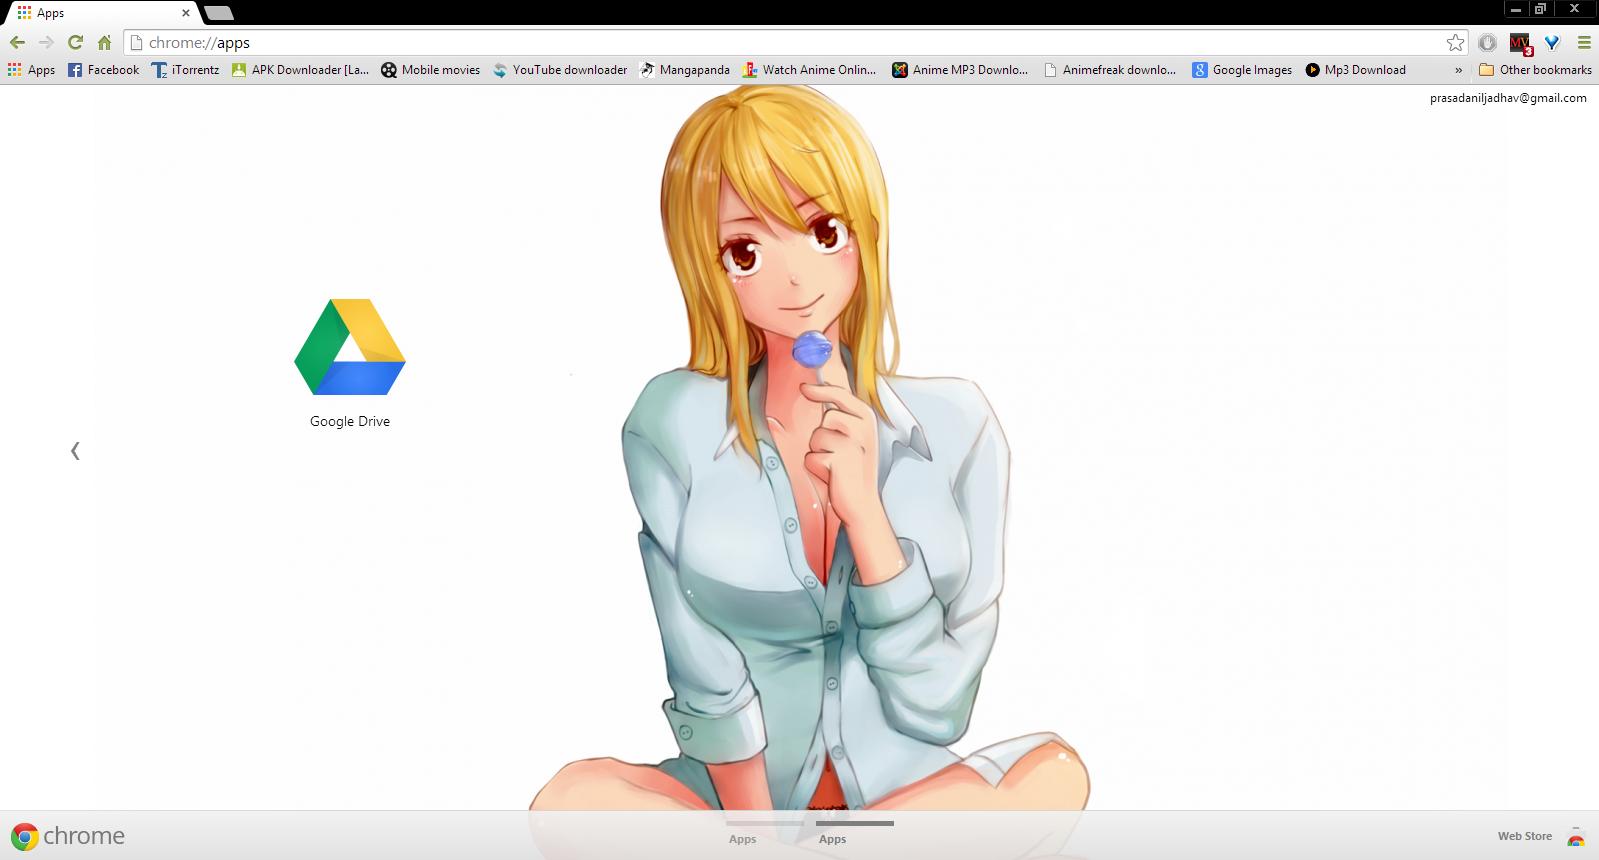 Google chrome themes youtube downloader -  Lucy Heartfilia Boobie Chrome Theme By Prasad9323 By Prasad9323